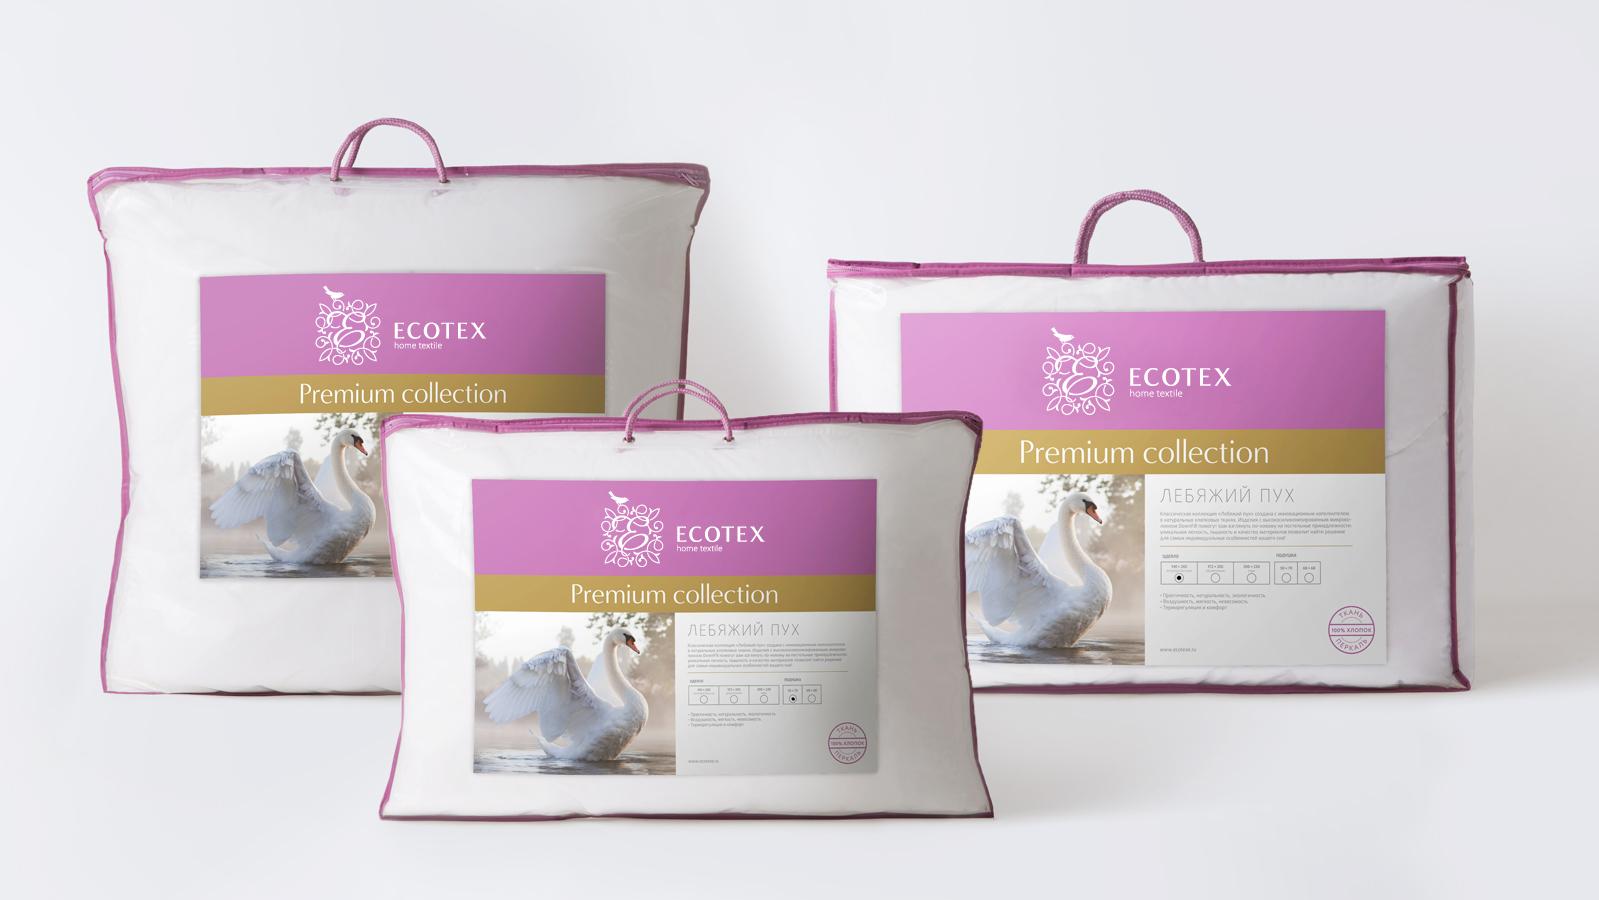 Дизайн упаковки пухового одеяла Ecotex